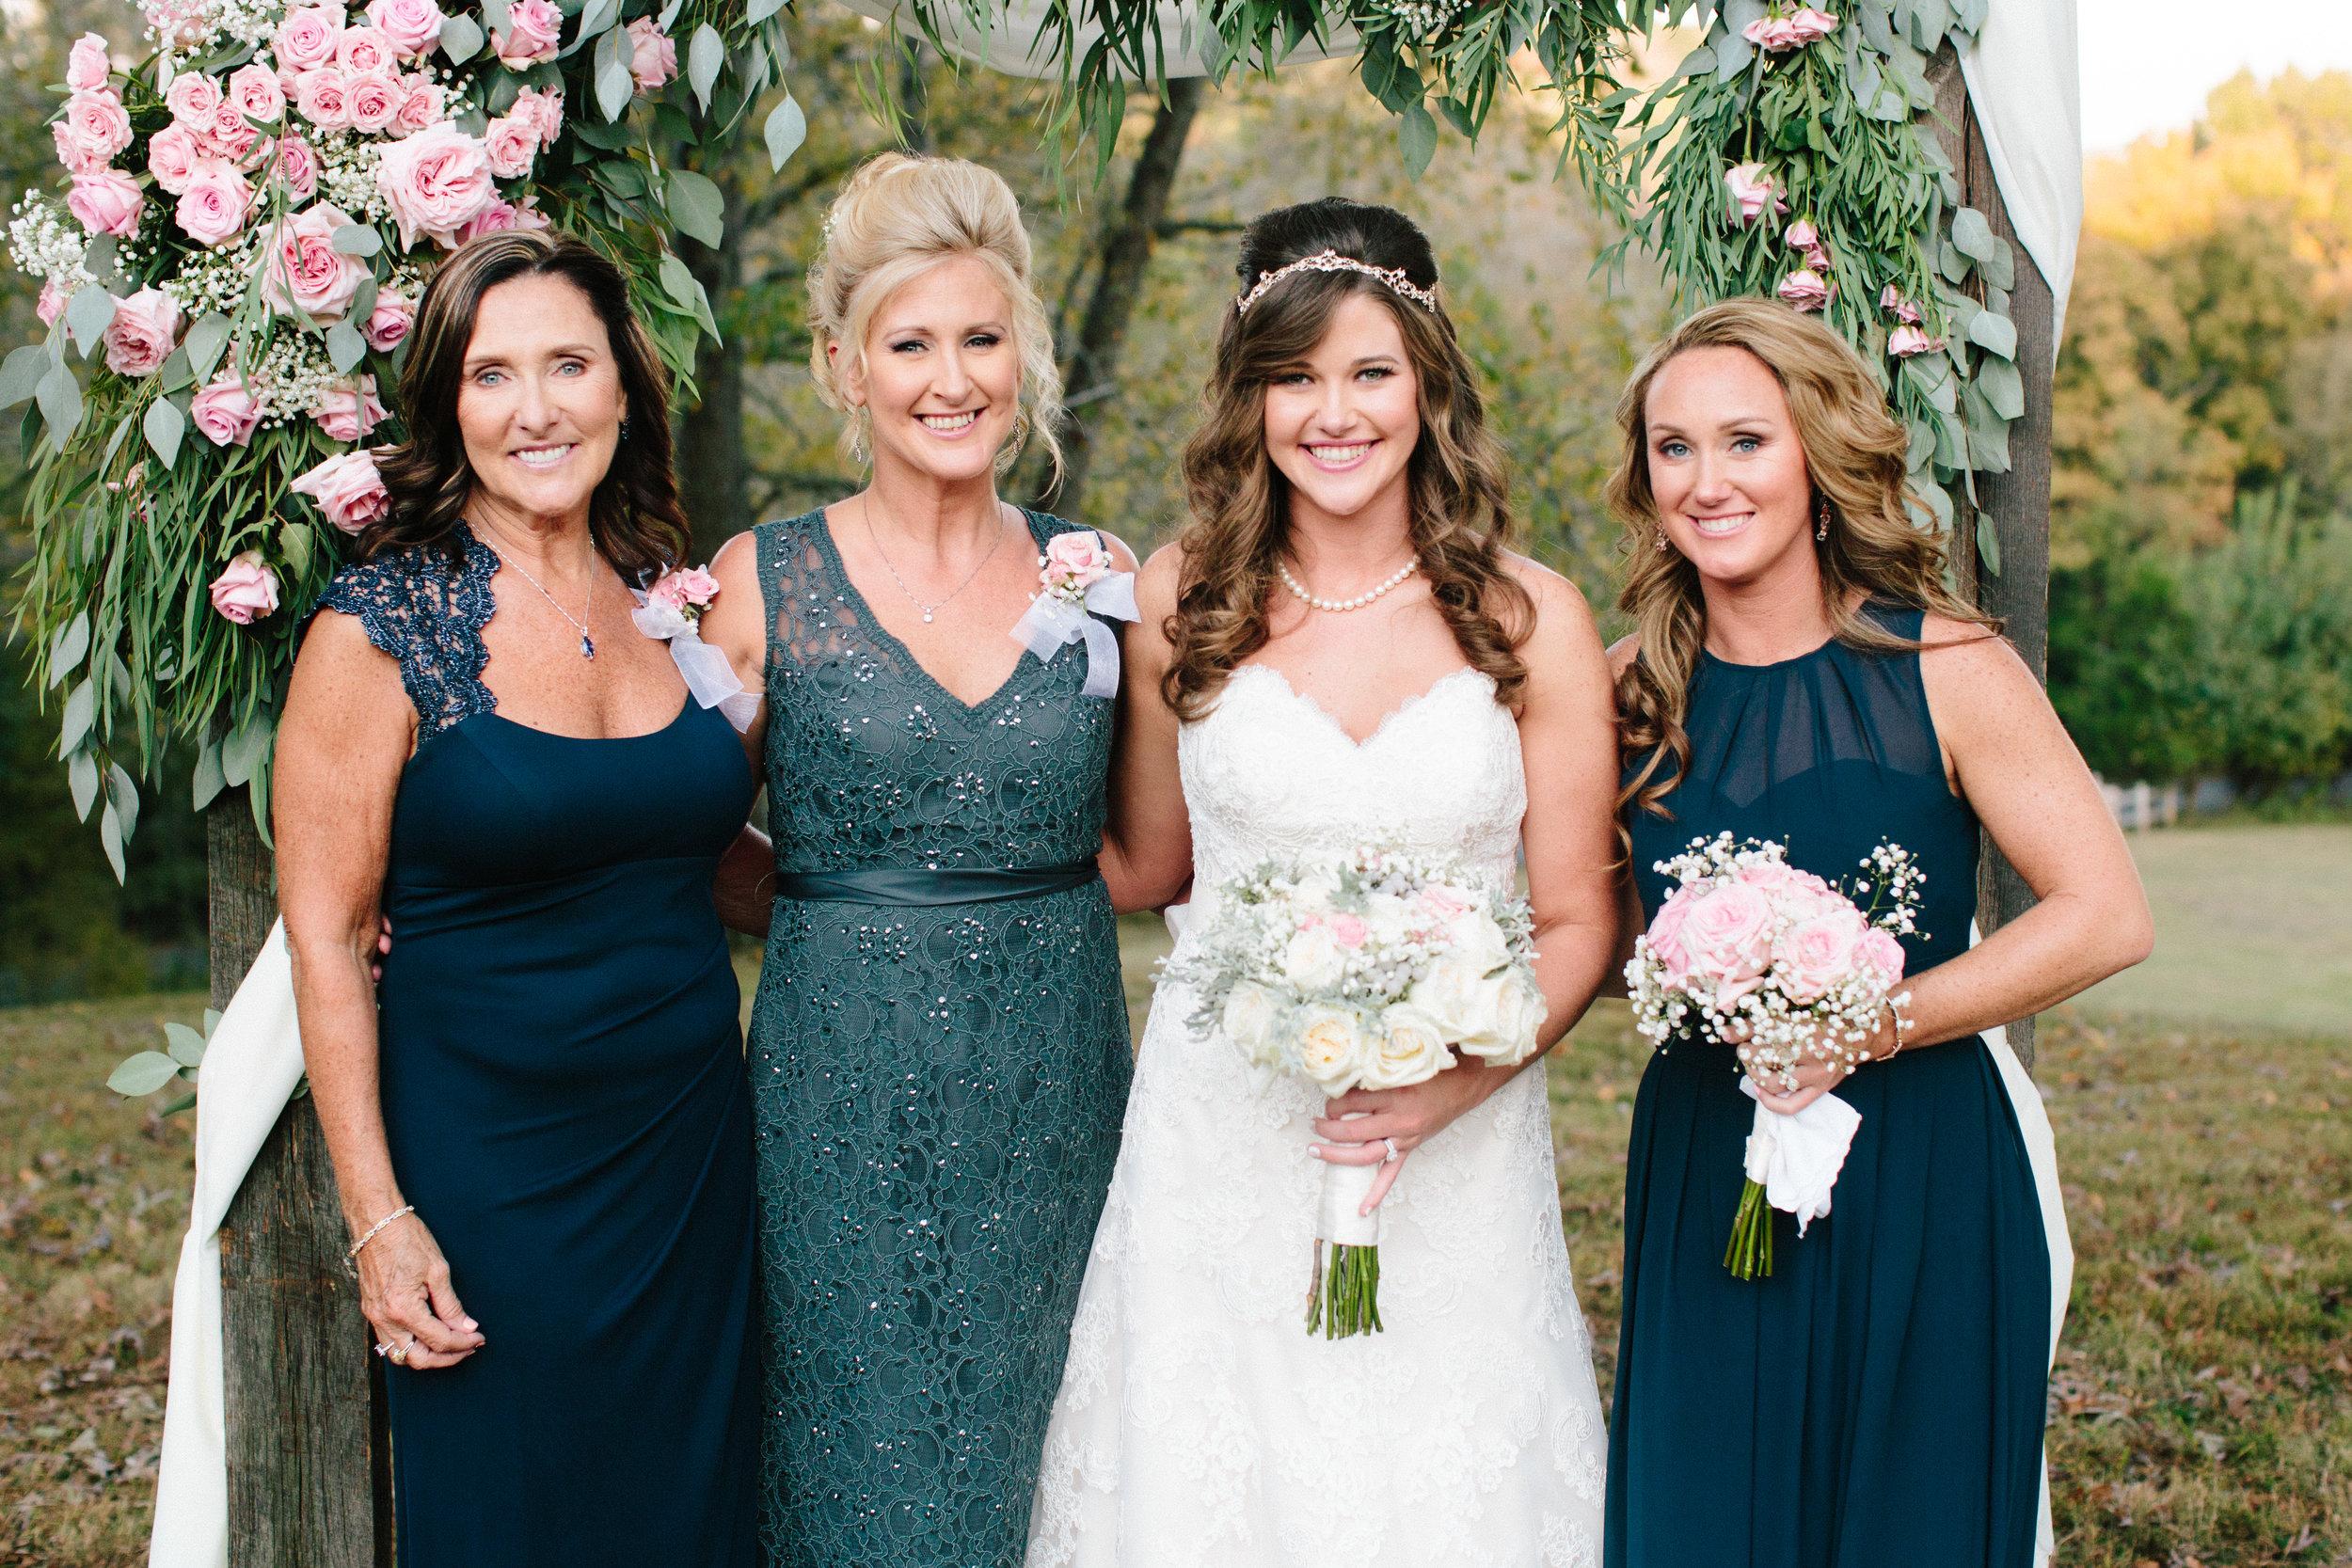 family photos wedding day tips